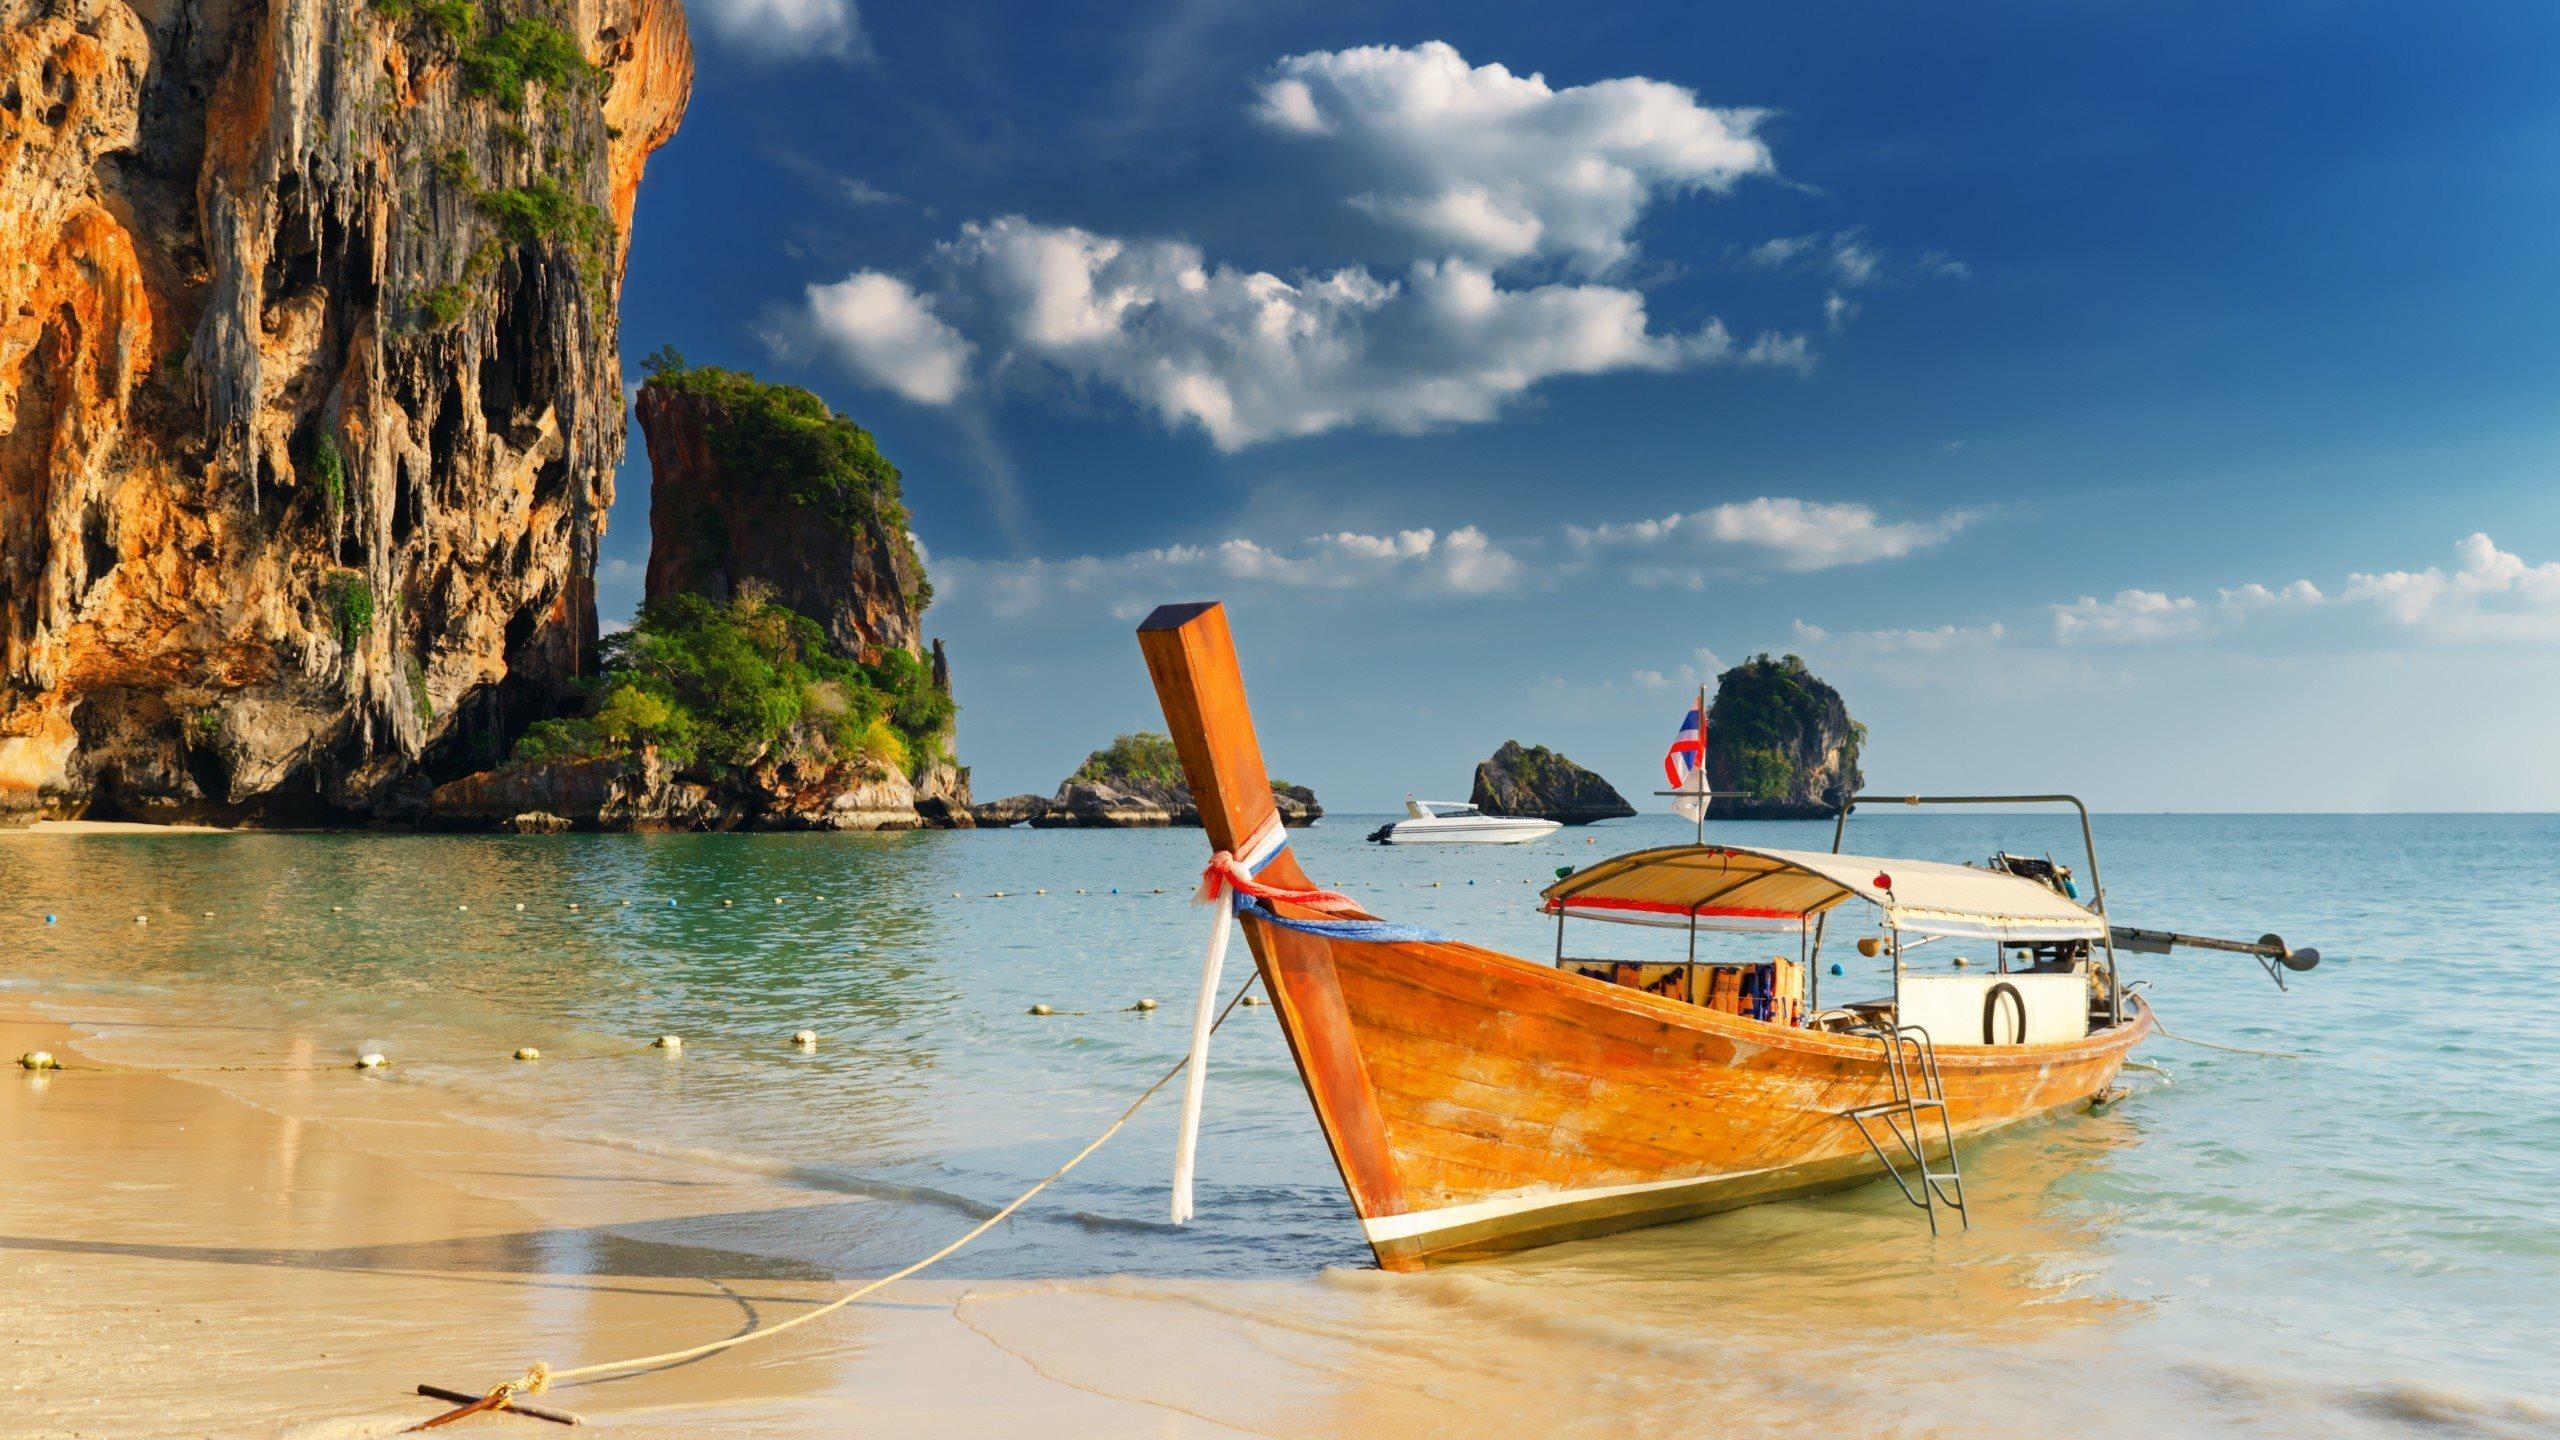 Скачать обои пляж море скала лодка таиланд рок катер, 1920x1.